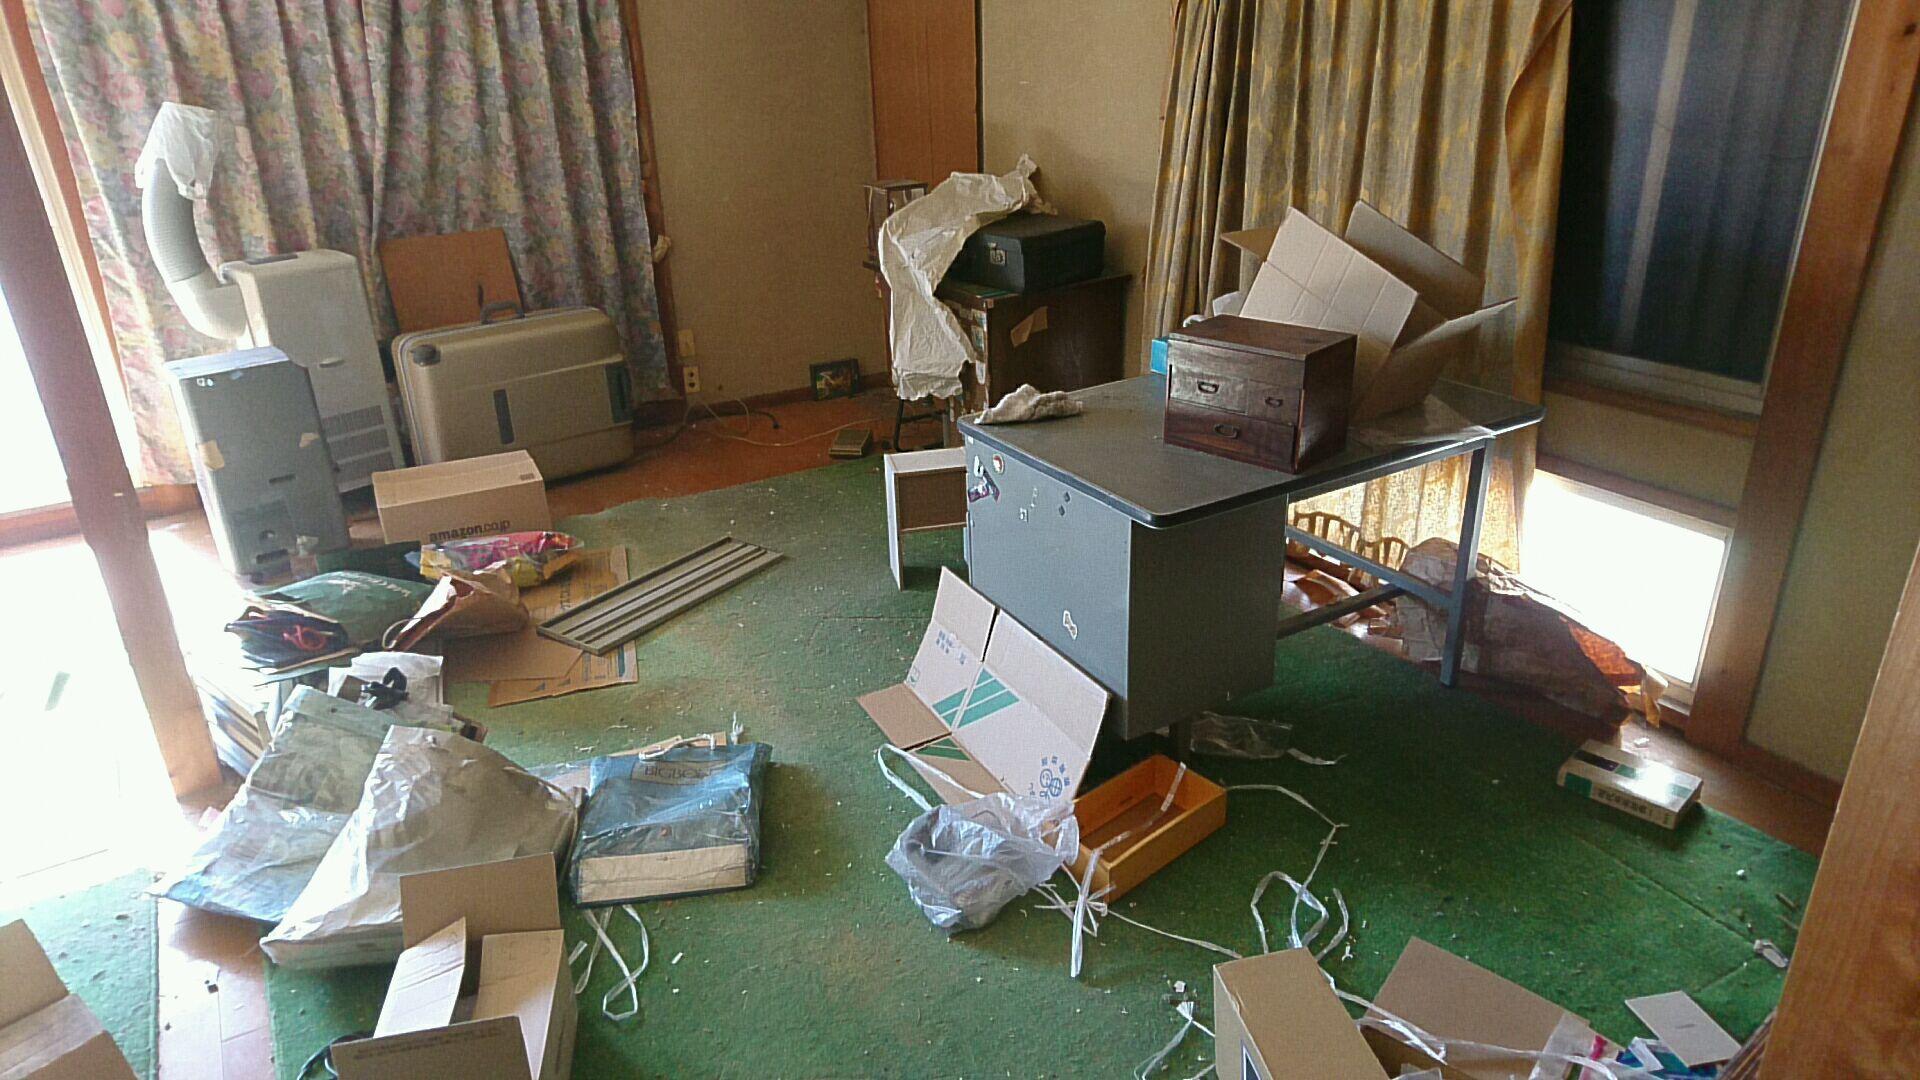 事務机や小家電、小物などの回収